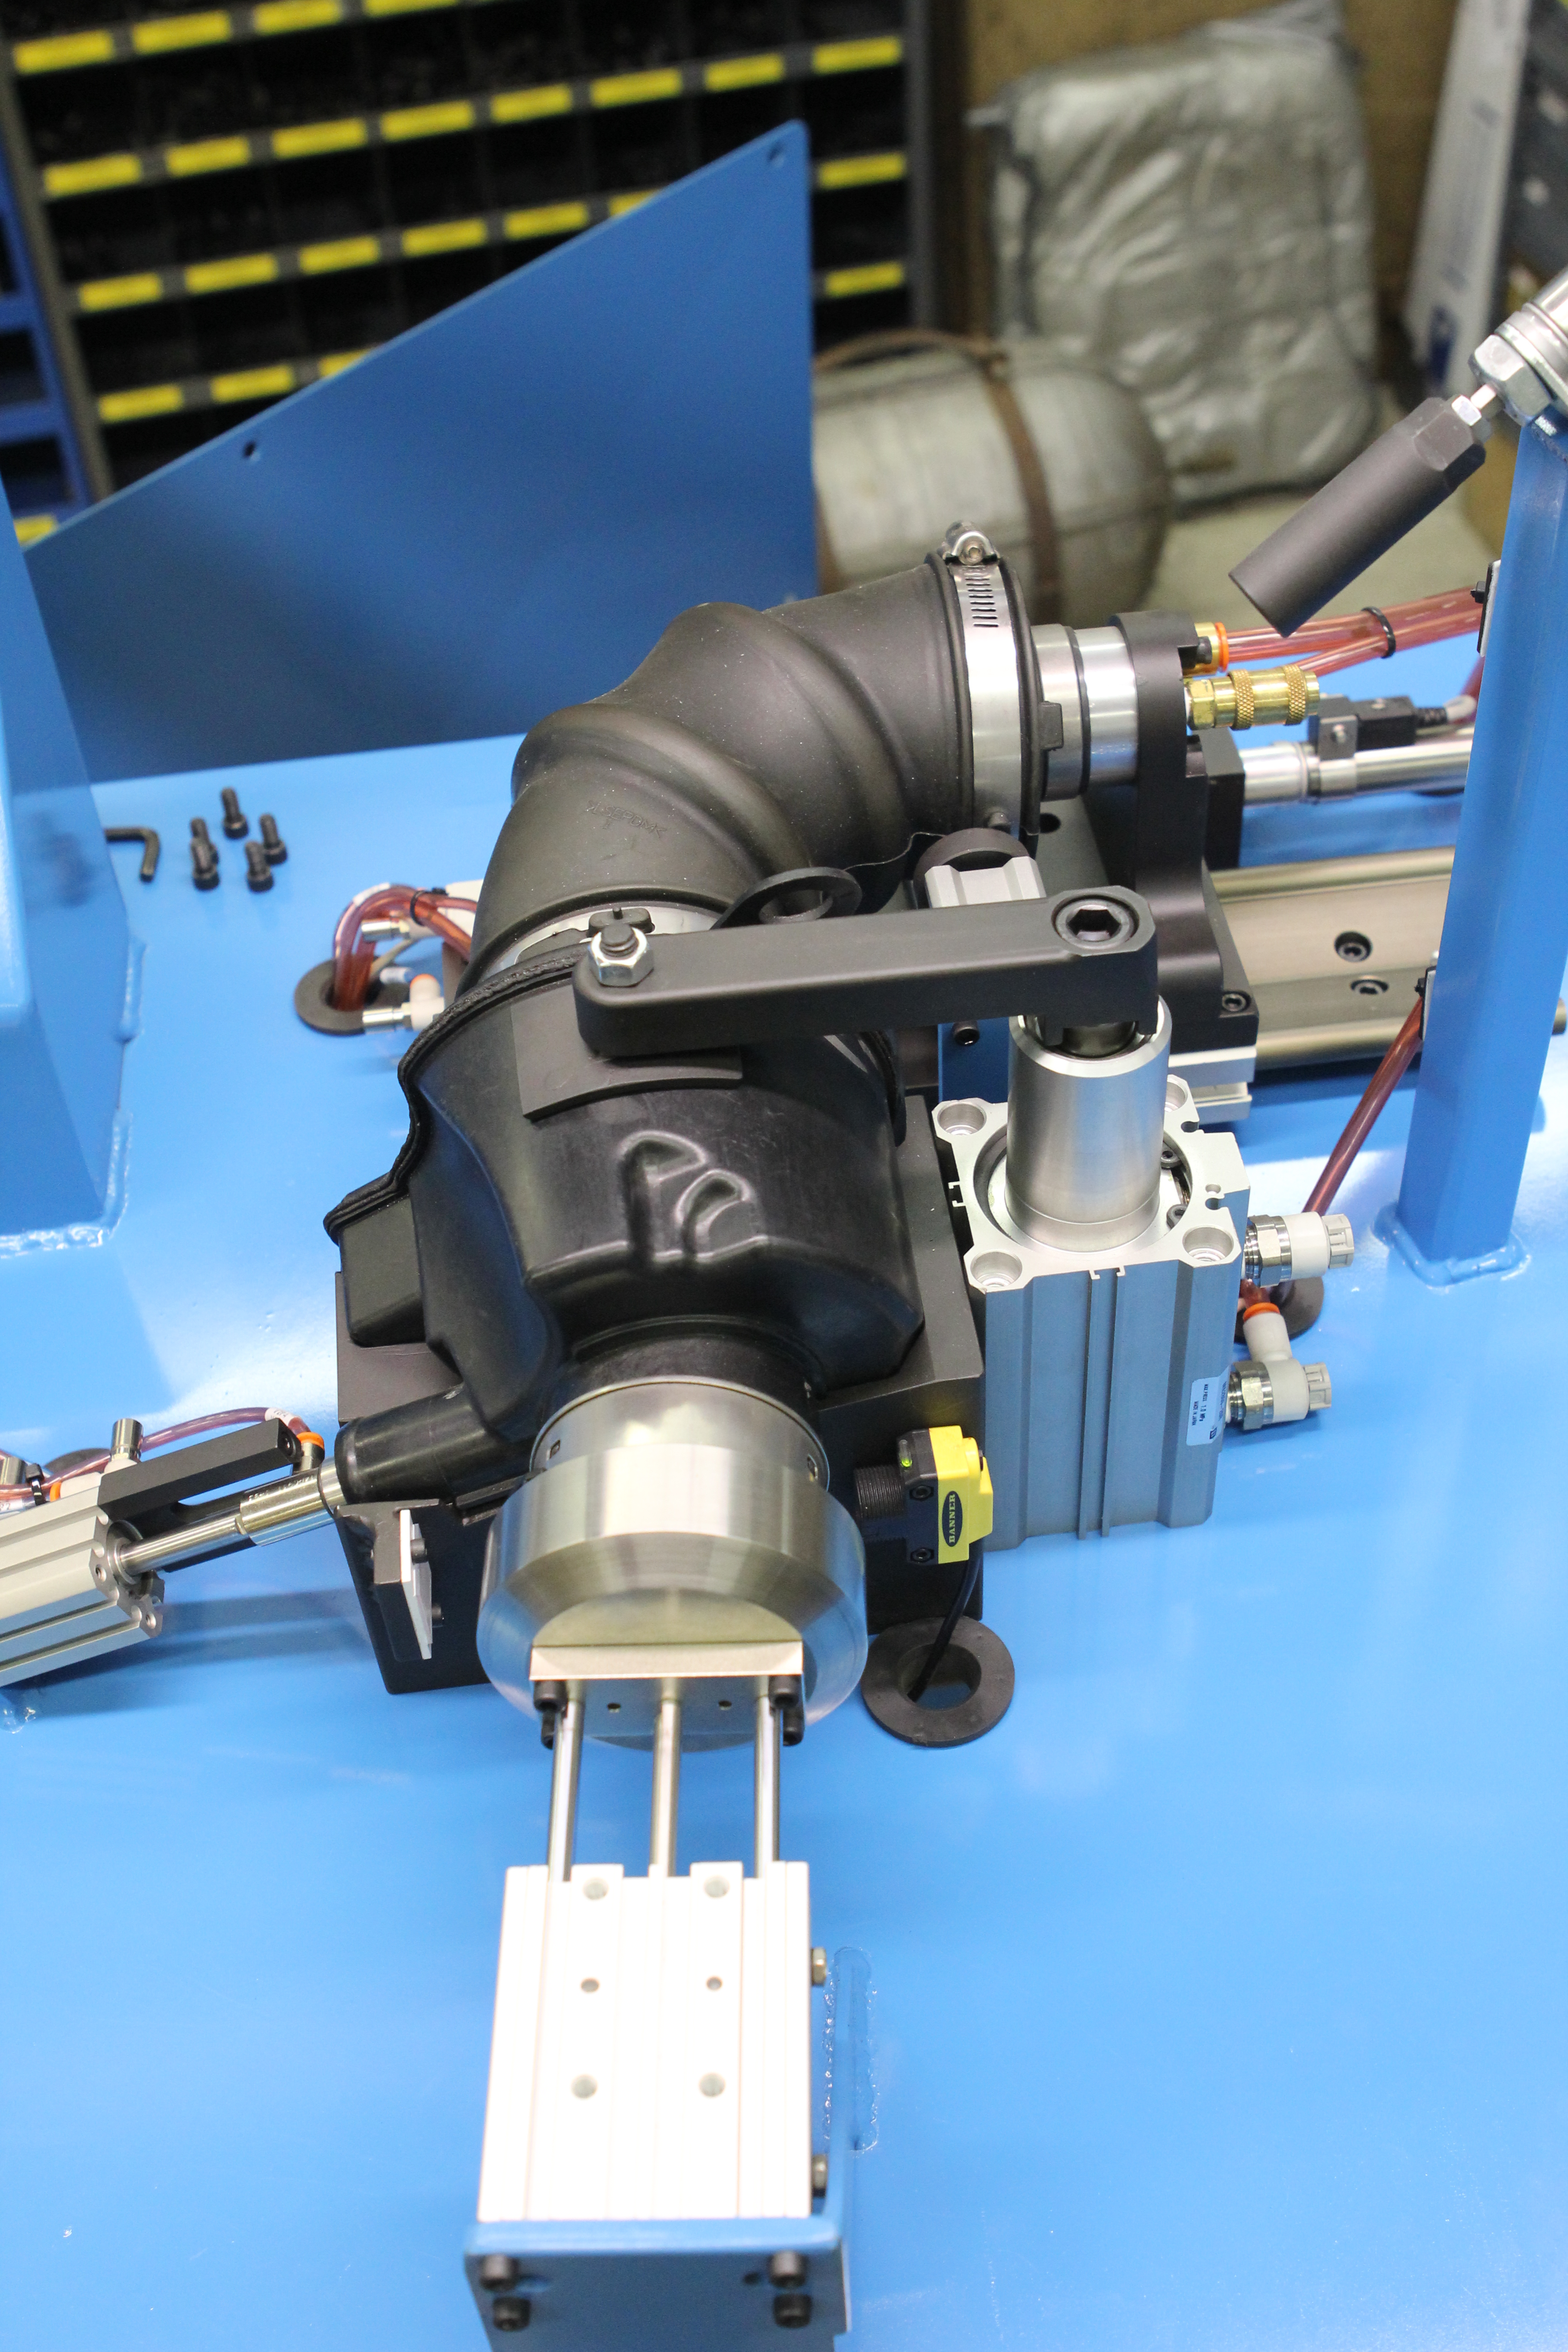 RUBBER AIR DUCT LEAK TEST VERIFICATION MACHINE